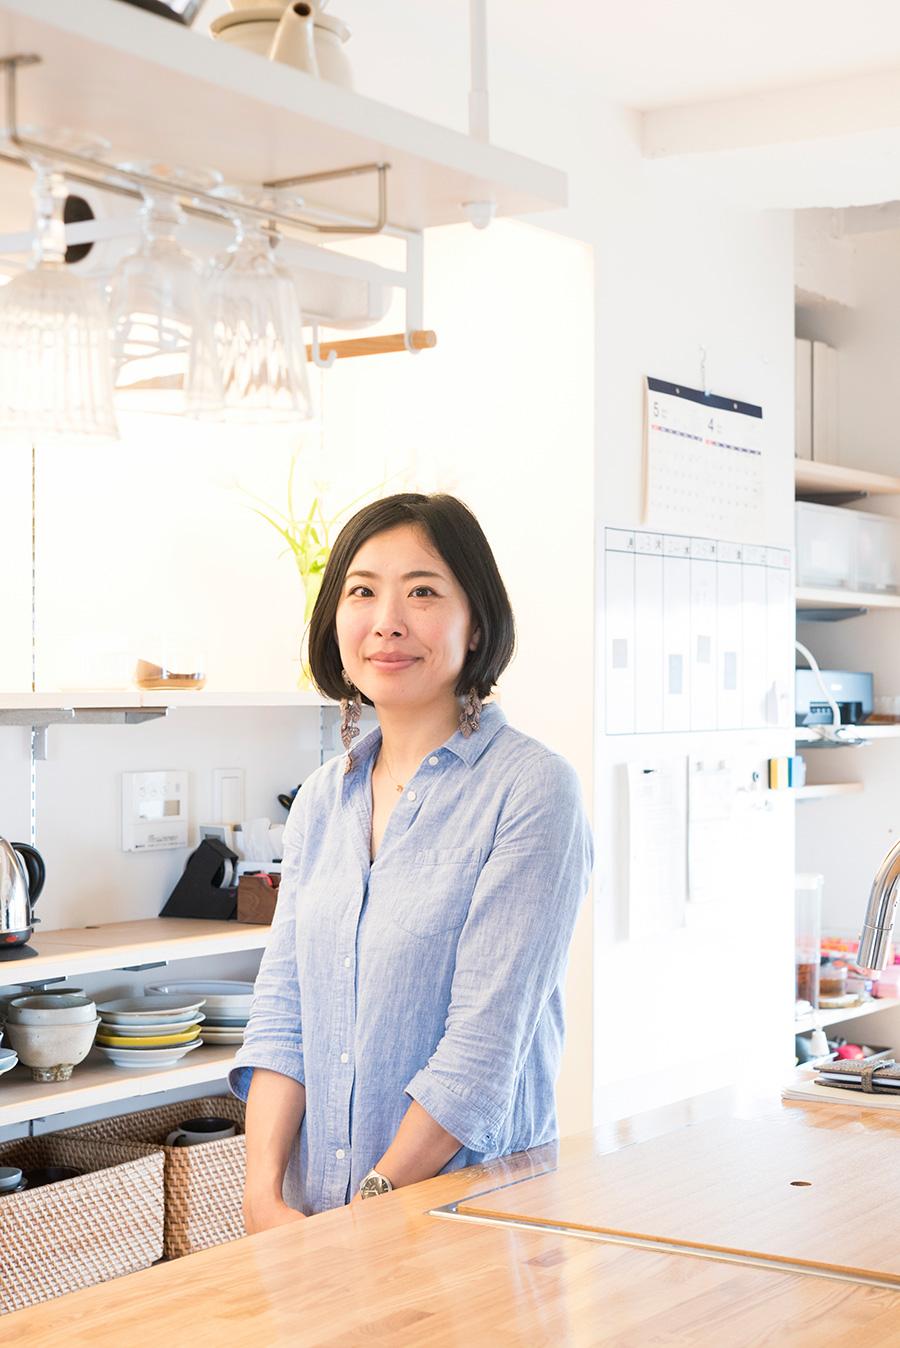 一級建築士・瀧内未来さん。kurachiffon代表。ライフスタイルに応じた空間づくりを提案してくれる。